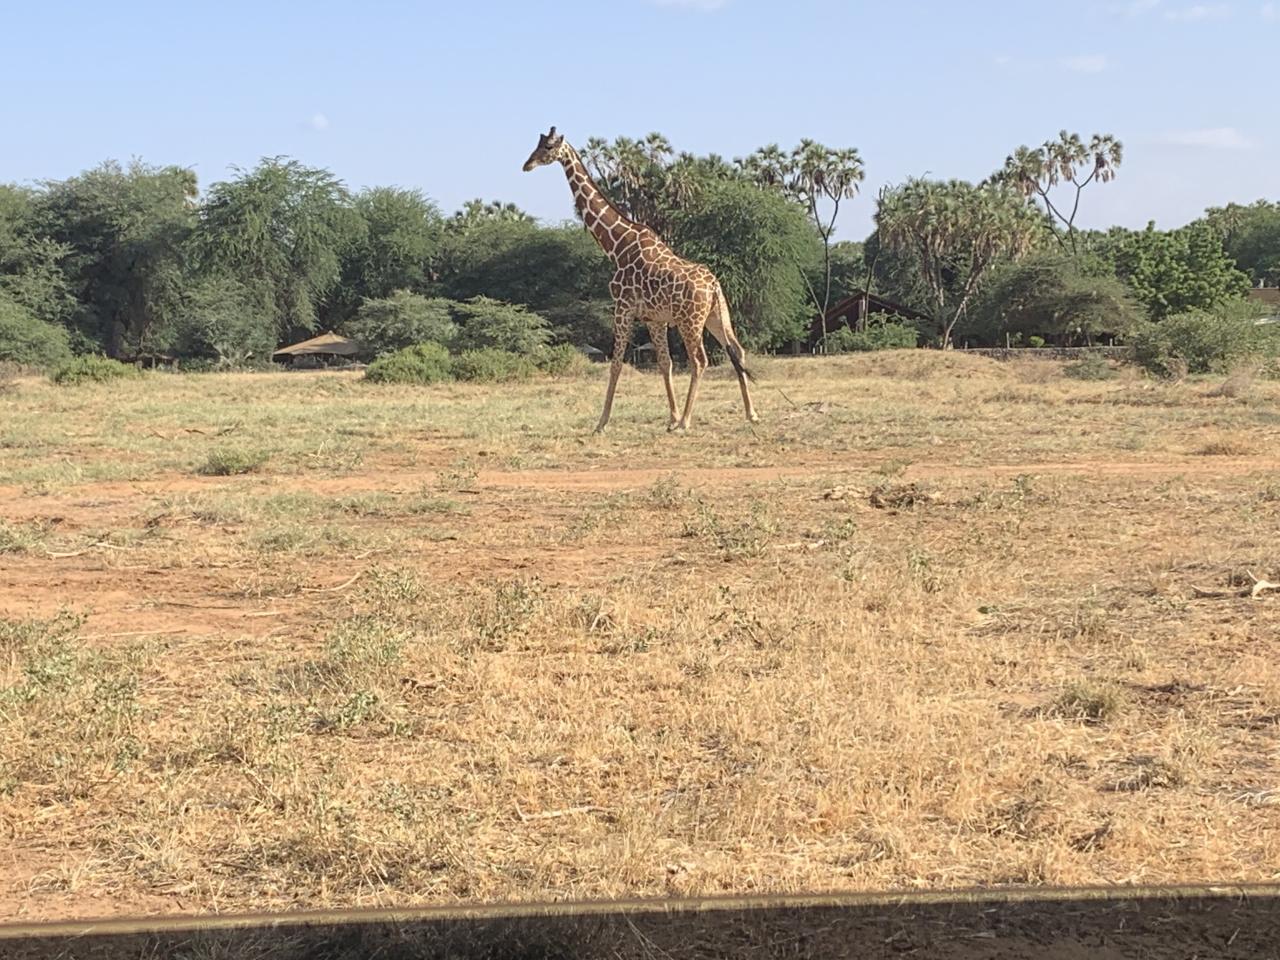 A reticulated giraffe in the Samburu National Reserve.